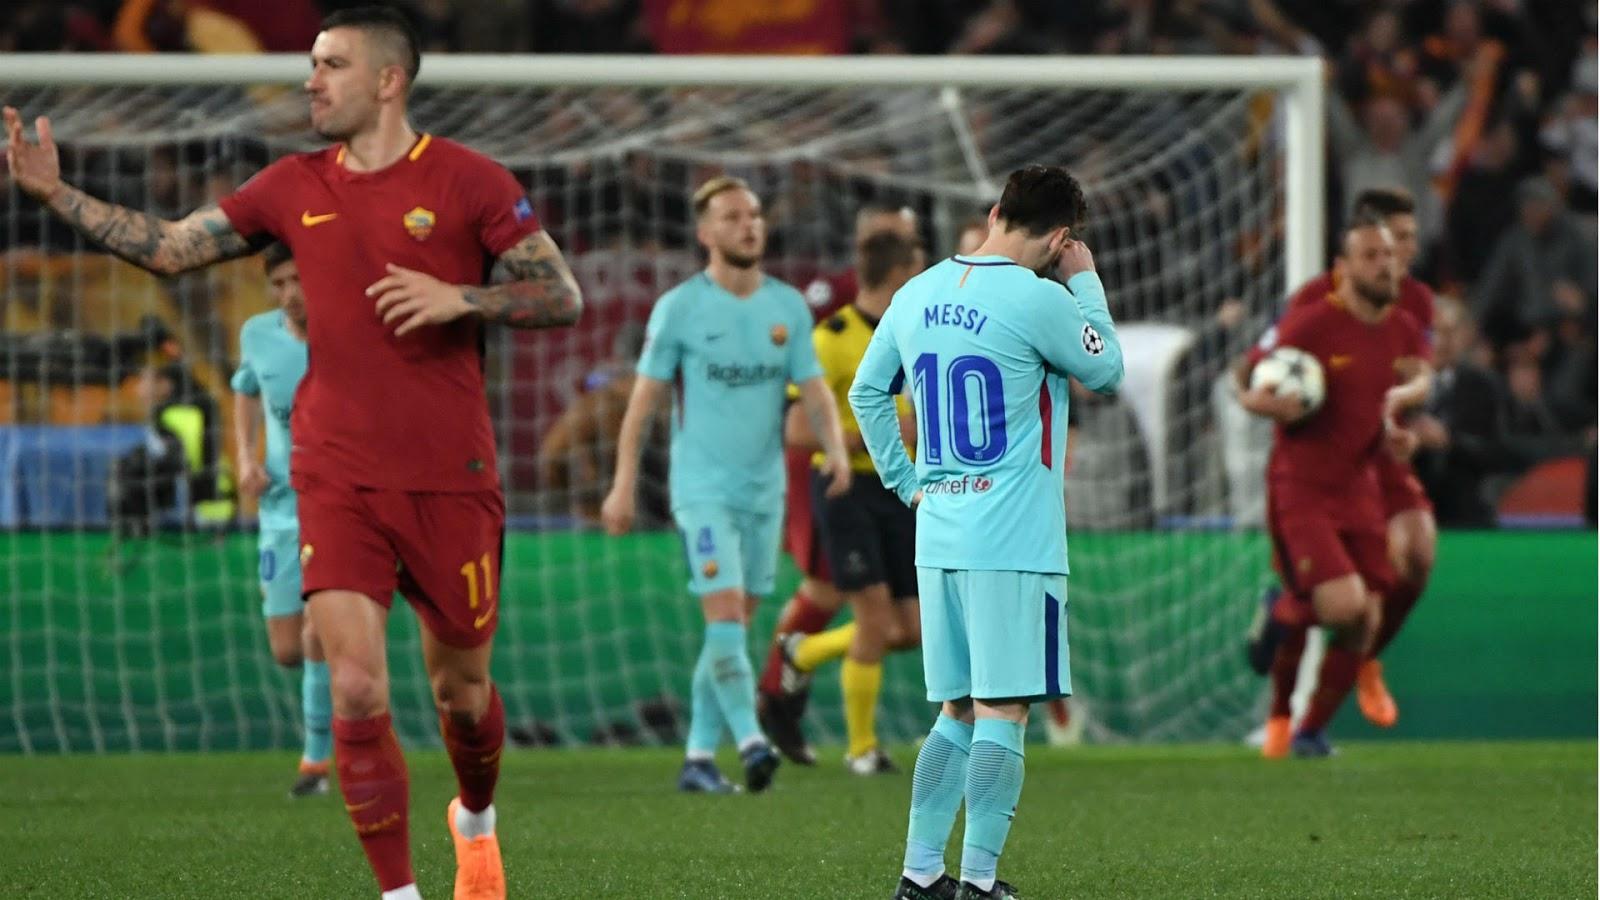 Messi-can-giup-do-va-5-dieu-Barcelona-phai-lam-sau-su-sup-do-o-Roma-2